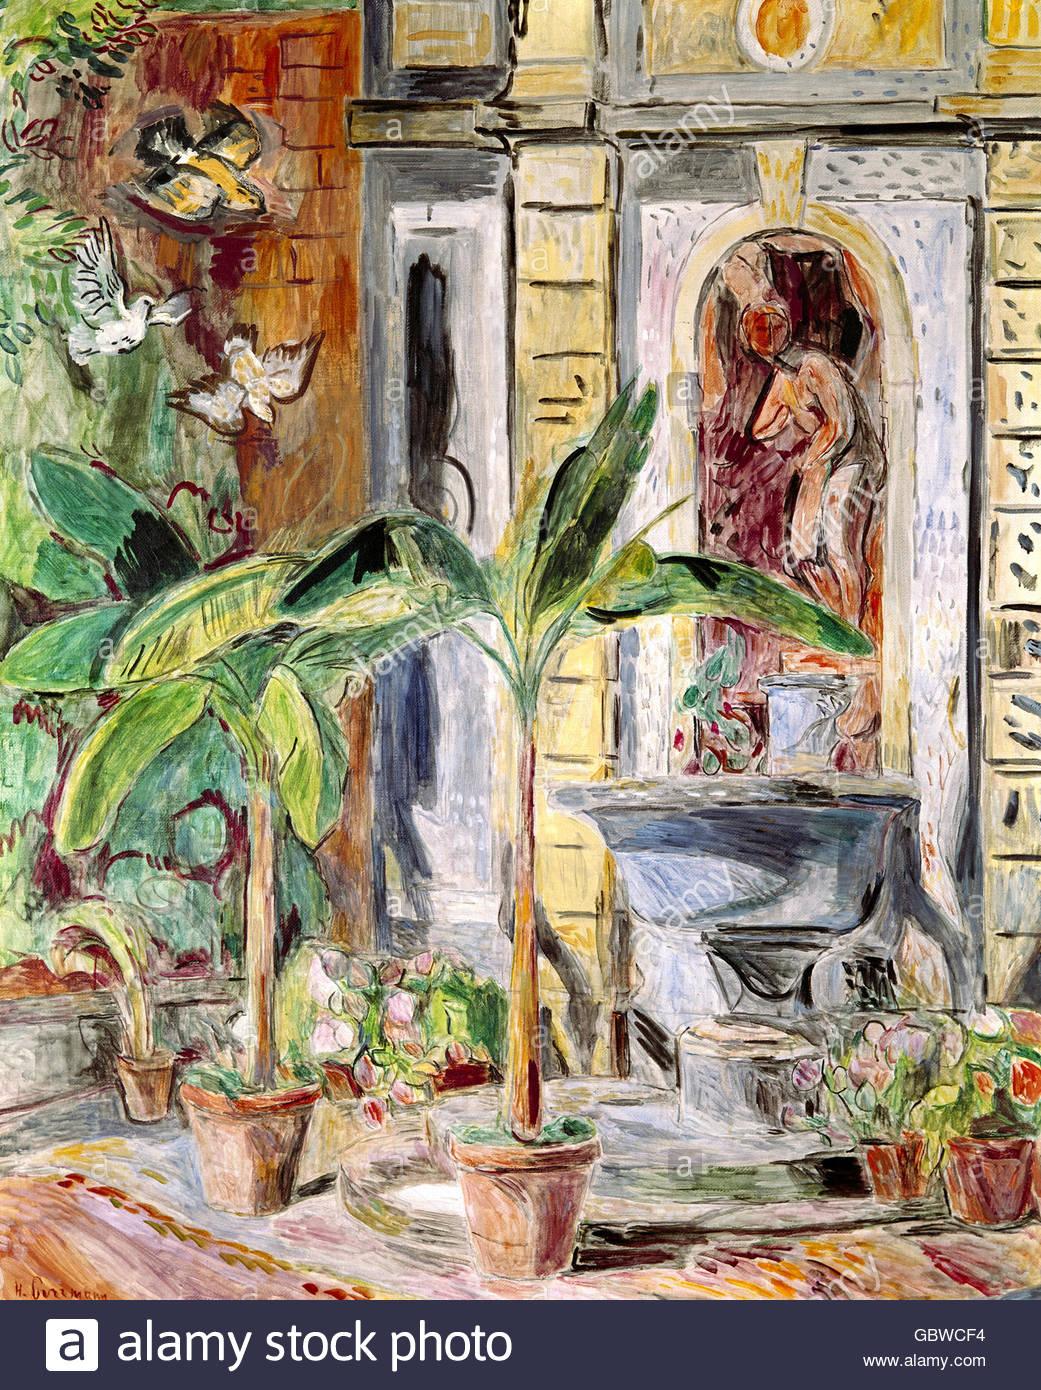 Fine Arts Purrmann Hans Marsilius 10 04 1880 17 4 1966 Stock